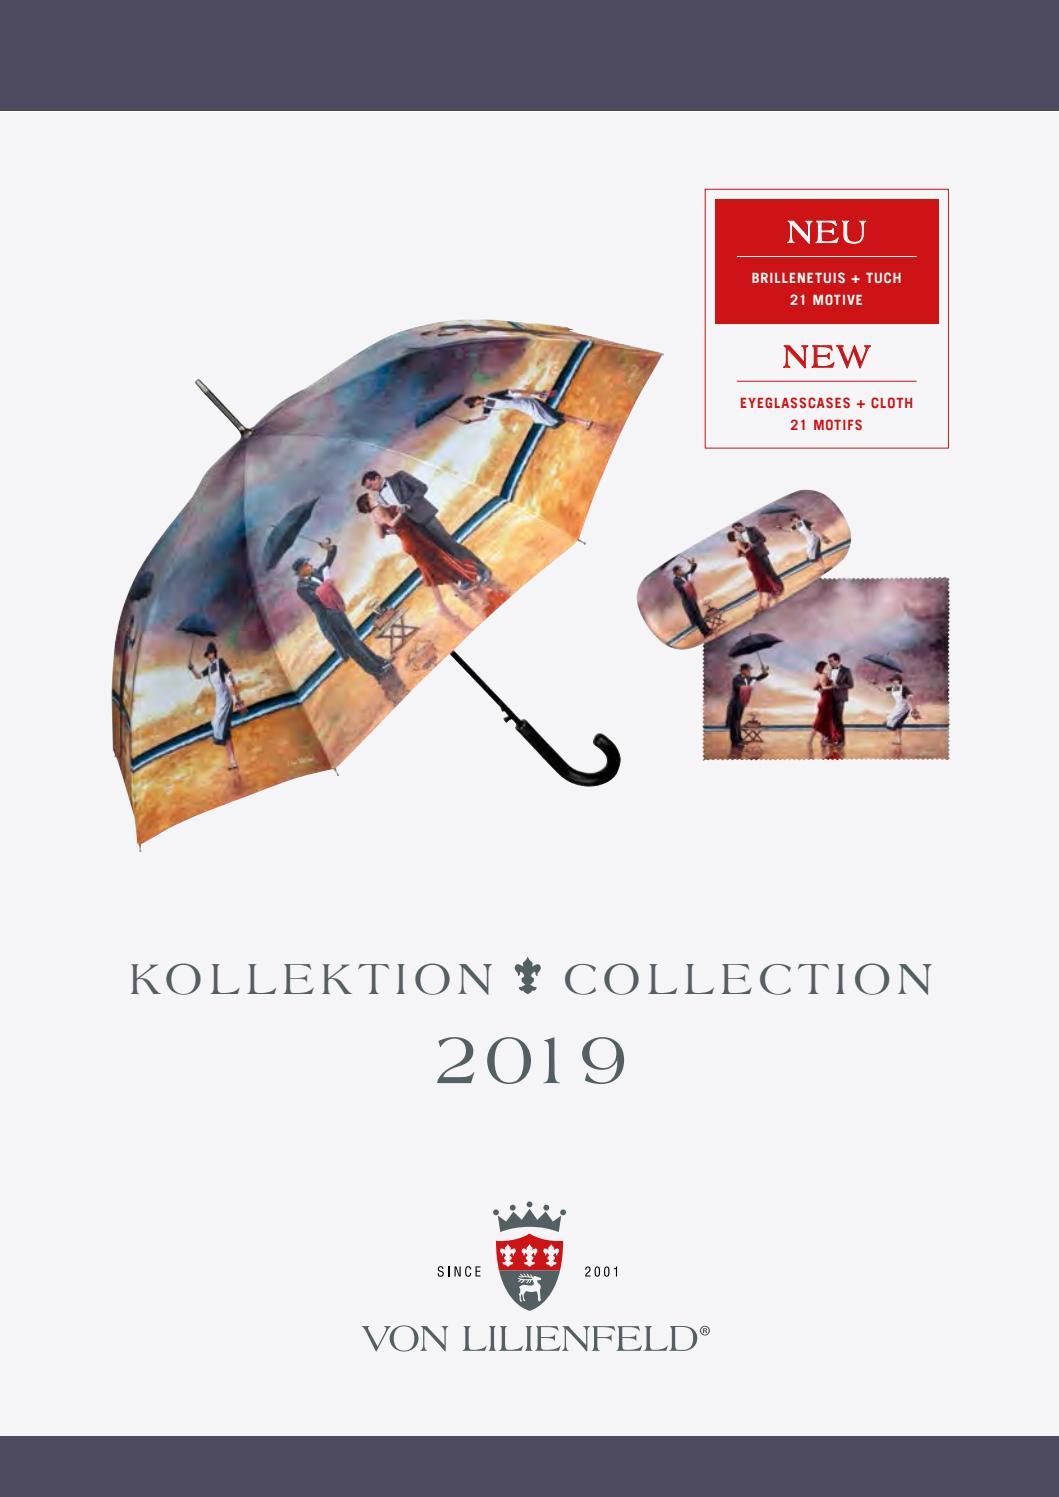 Von Lilienfeld Regenschirm Stockschirm Bayrischer Himmel doppelt bespannt